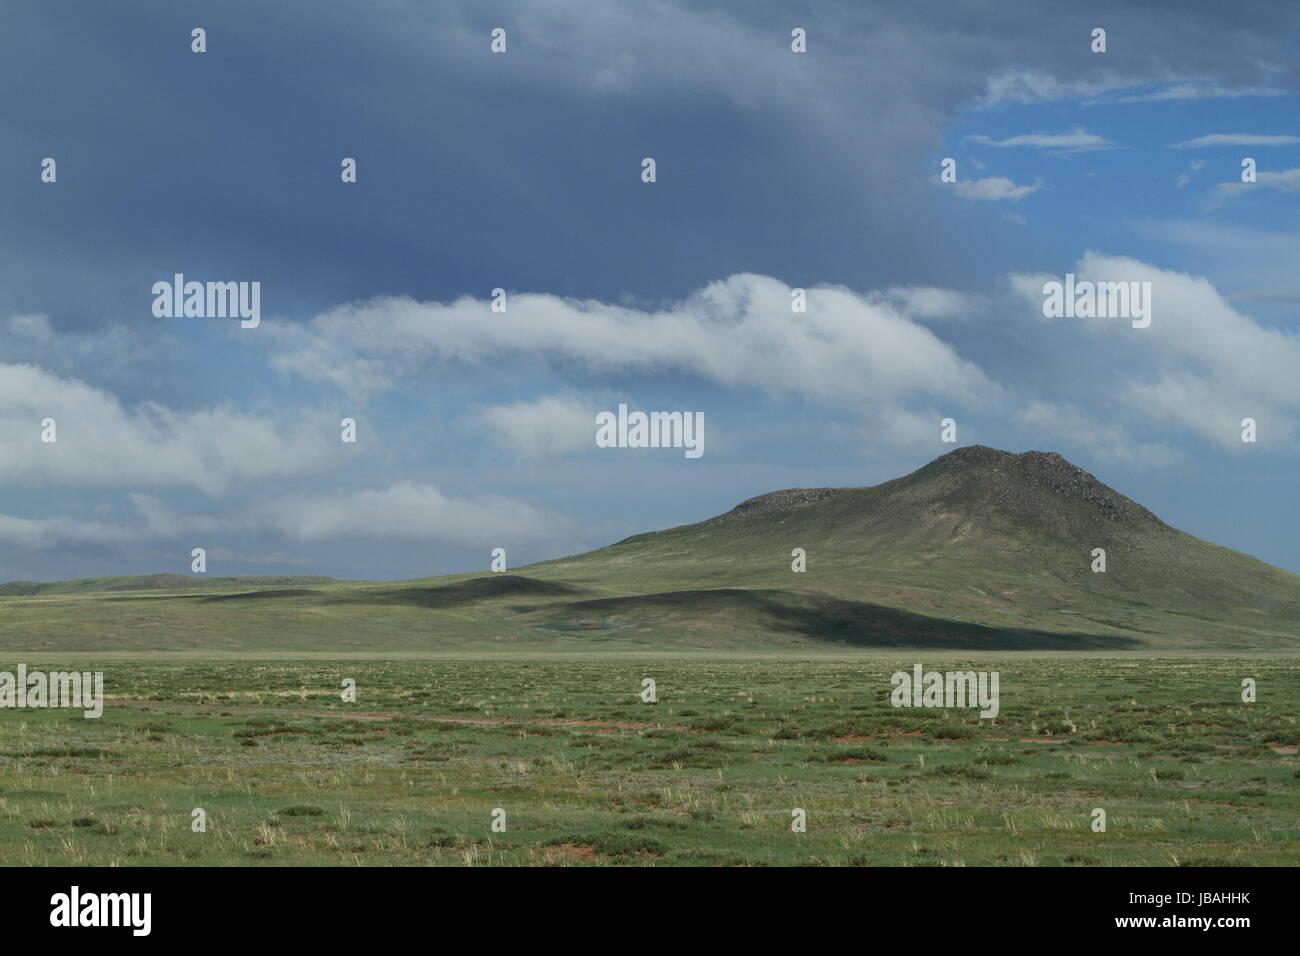 khustain national park in mongolia - Stock Image